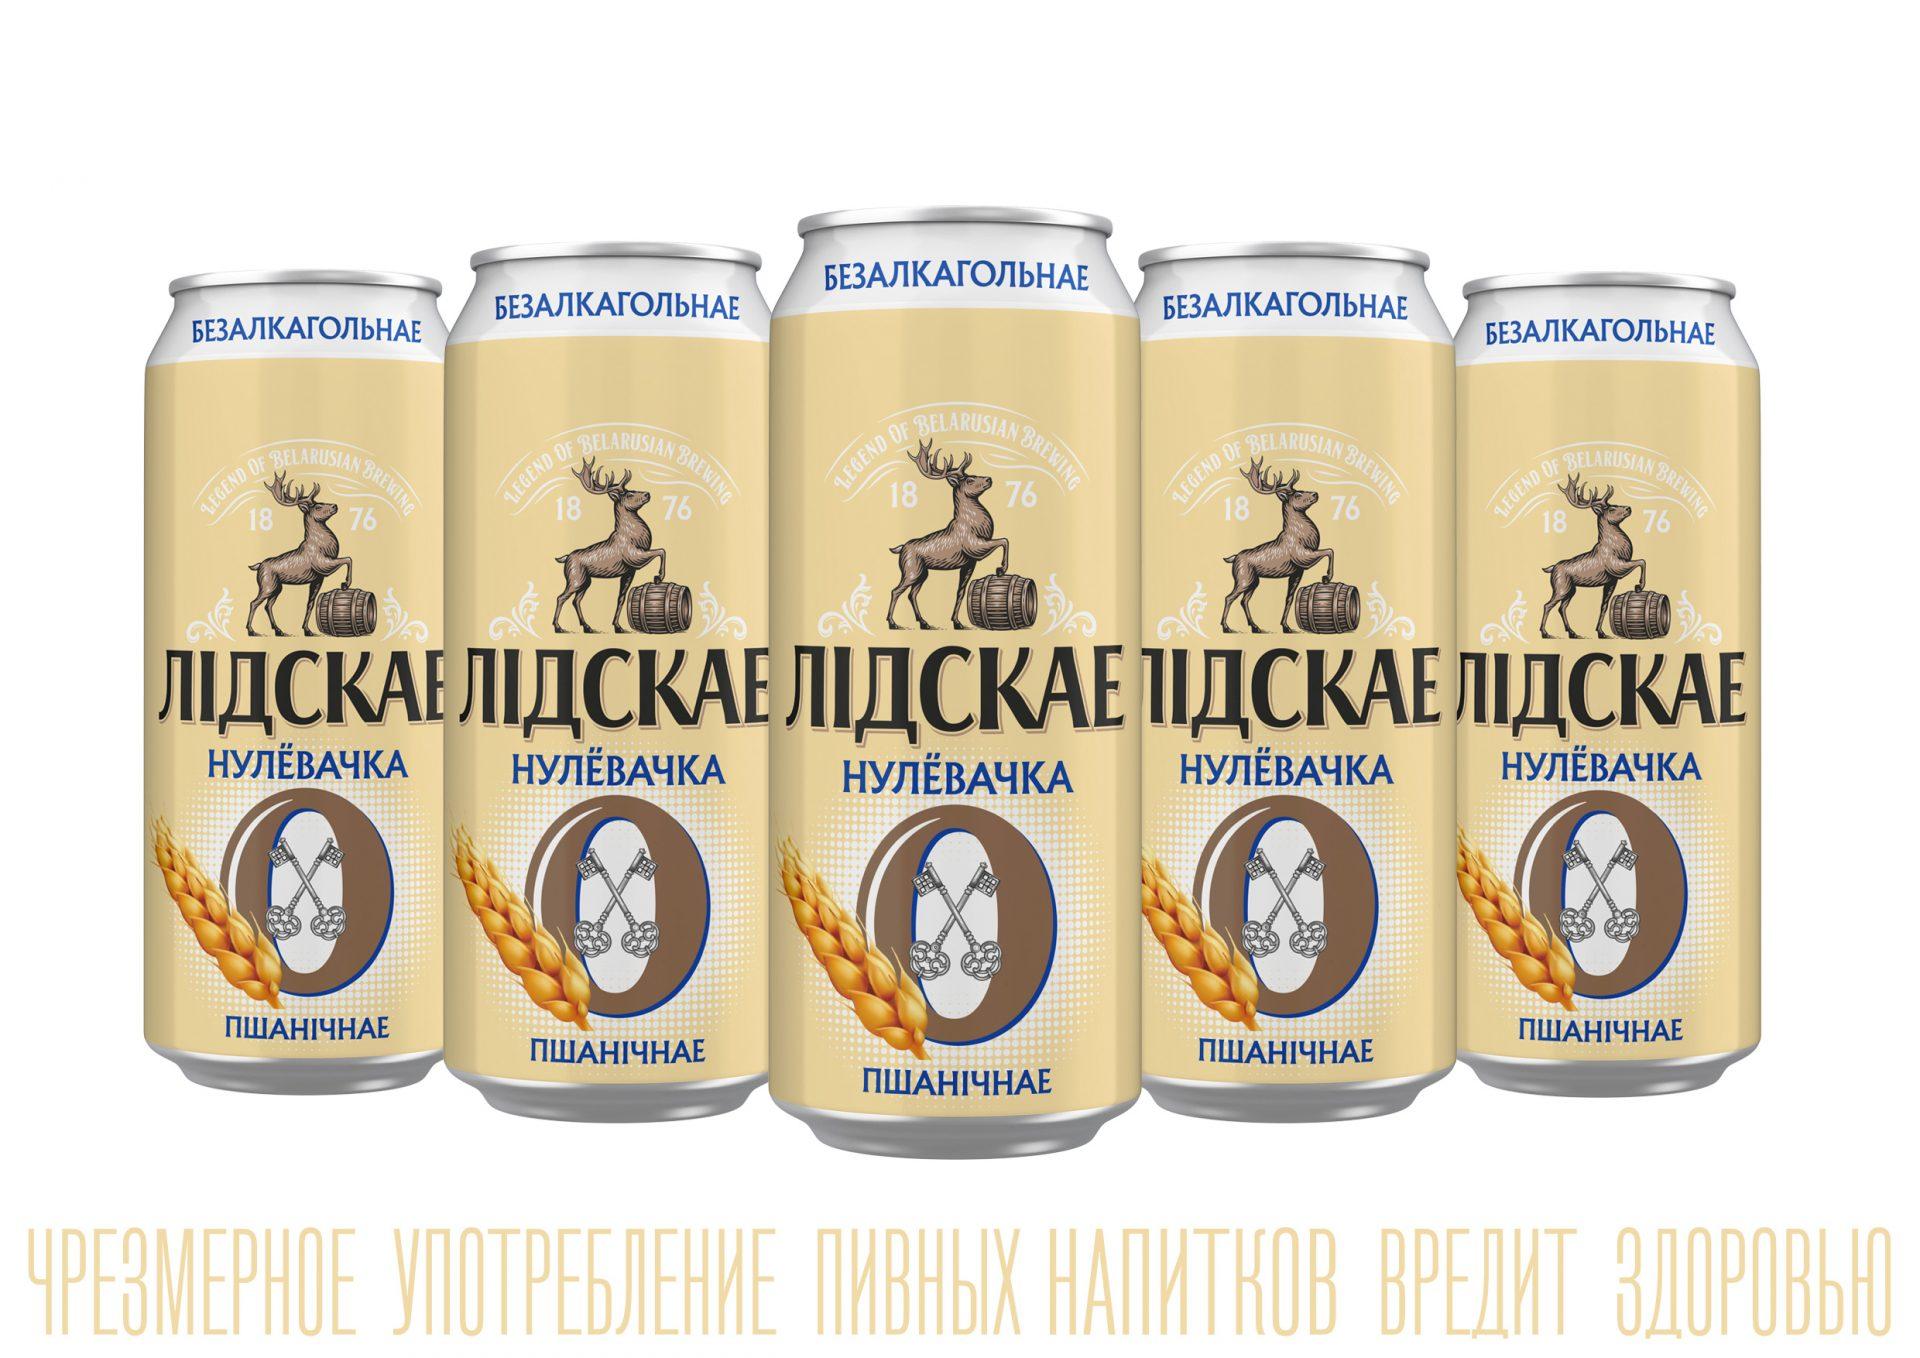 Нуль ограничений! «Лидское пиво» расширило безалкогольный ассортимент новым необычным продуктом